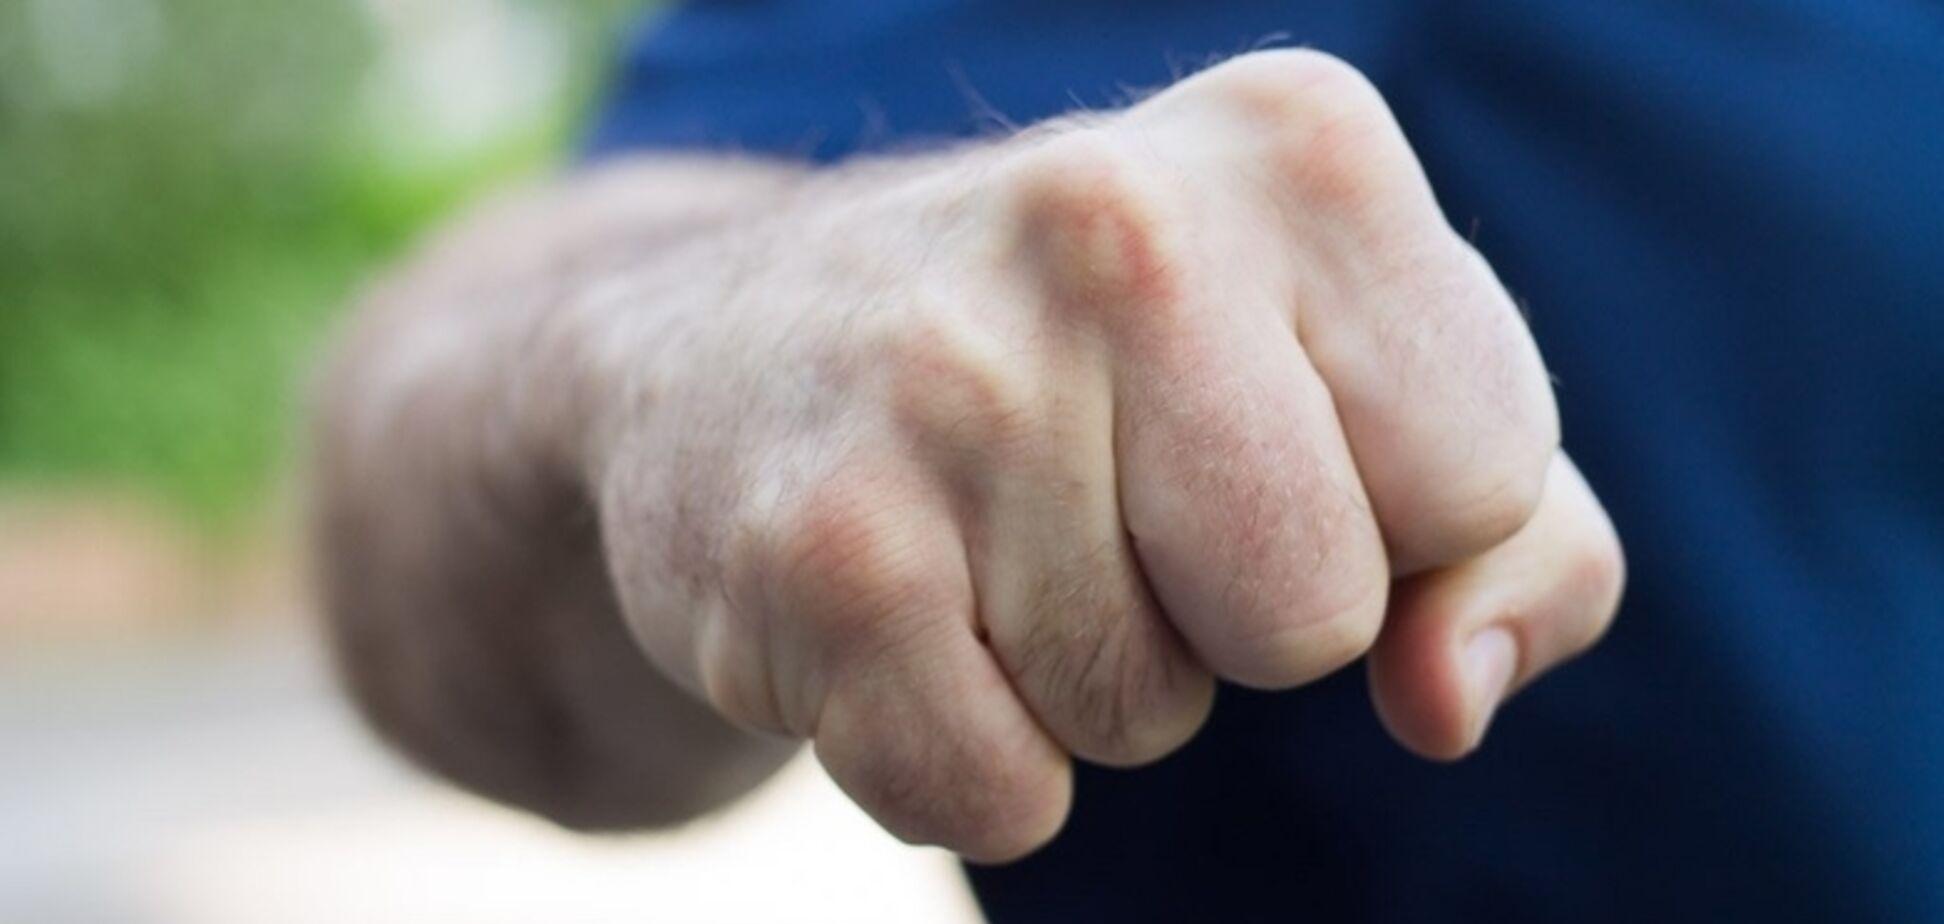 На Одесщине мужчина по пьяни расправился с родственником